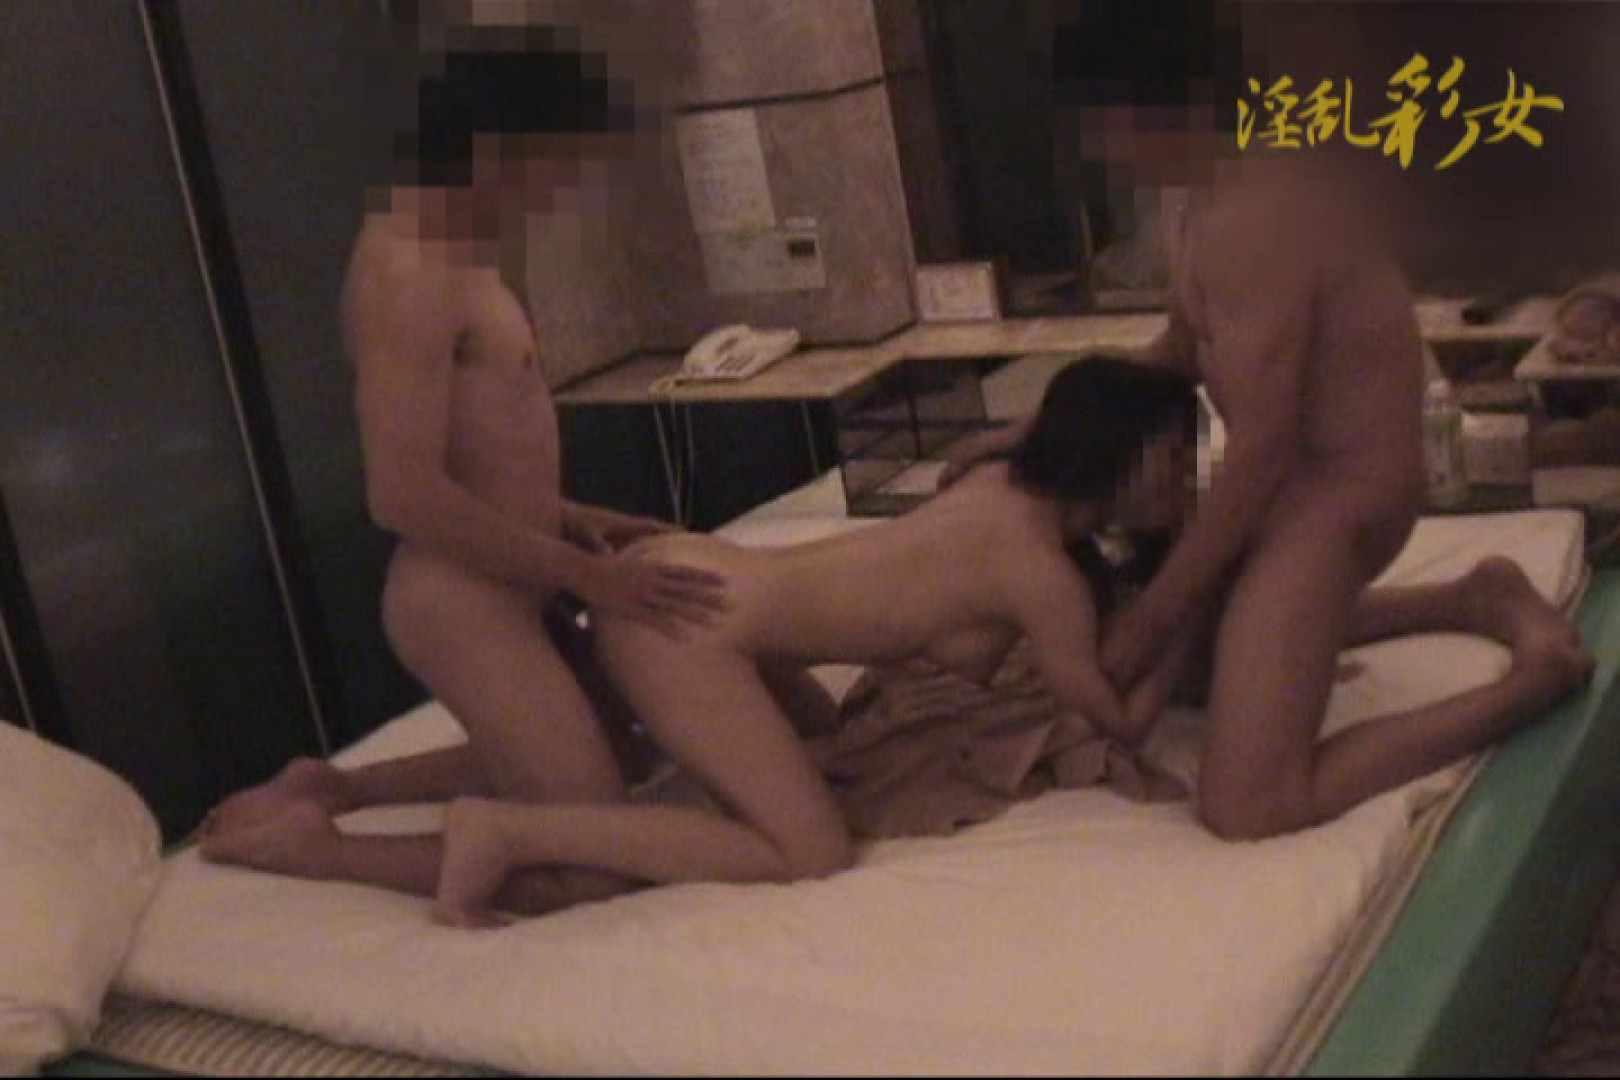 淫乱彩女 麻優里 ホテルで3P絶倫編 3P | 淫乱  83pic 56